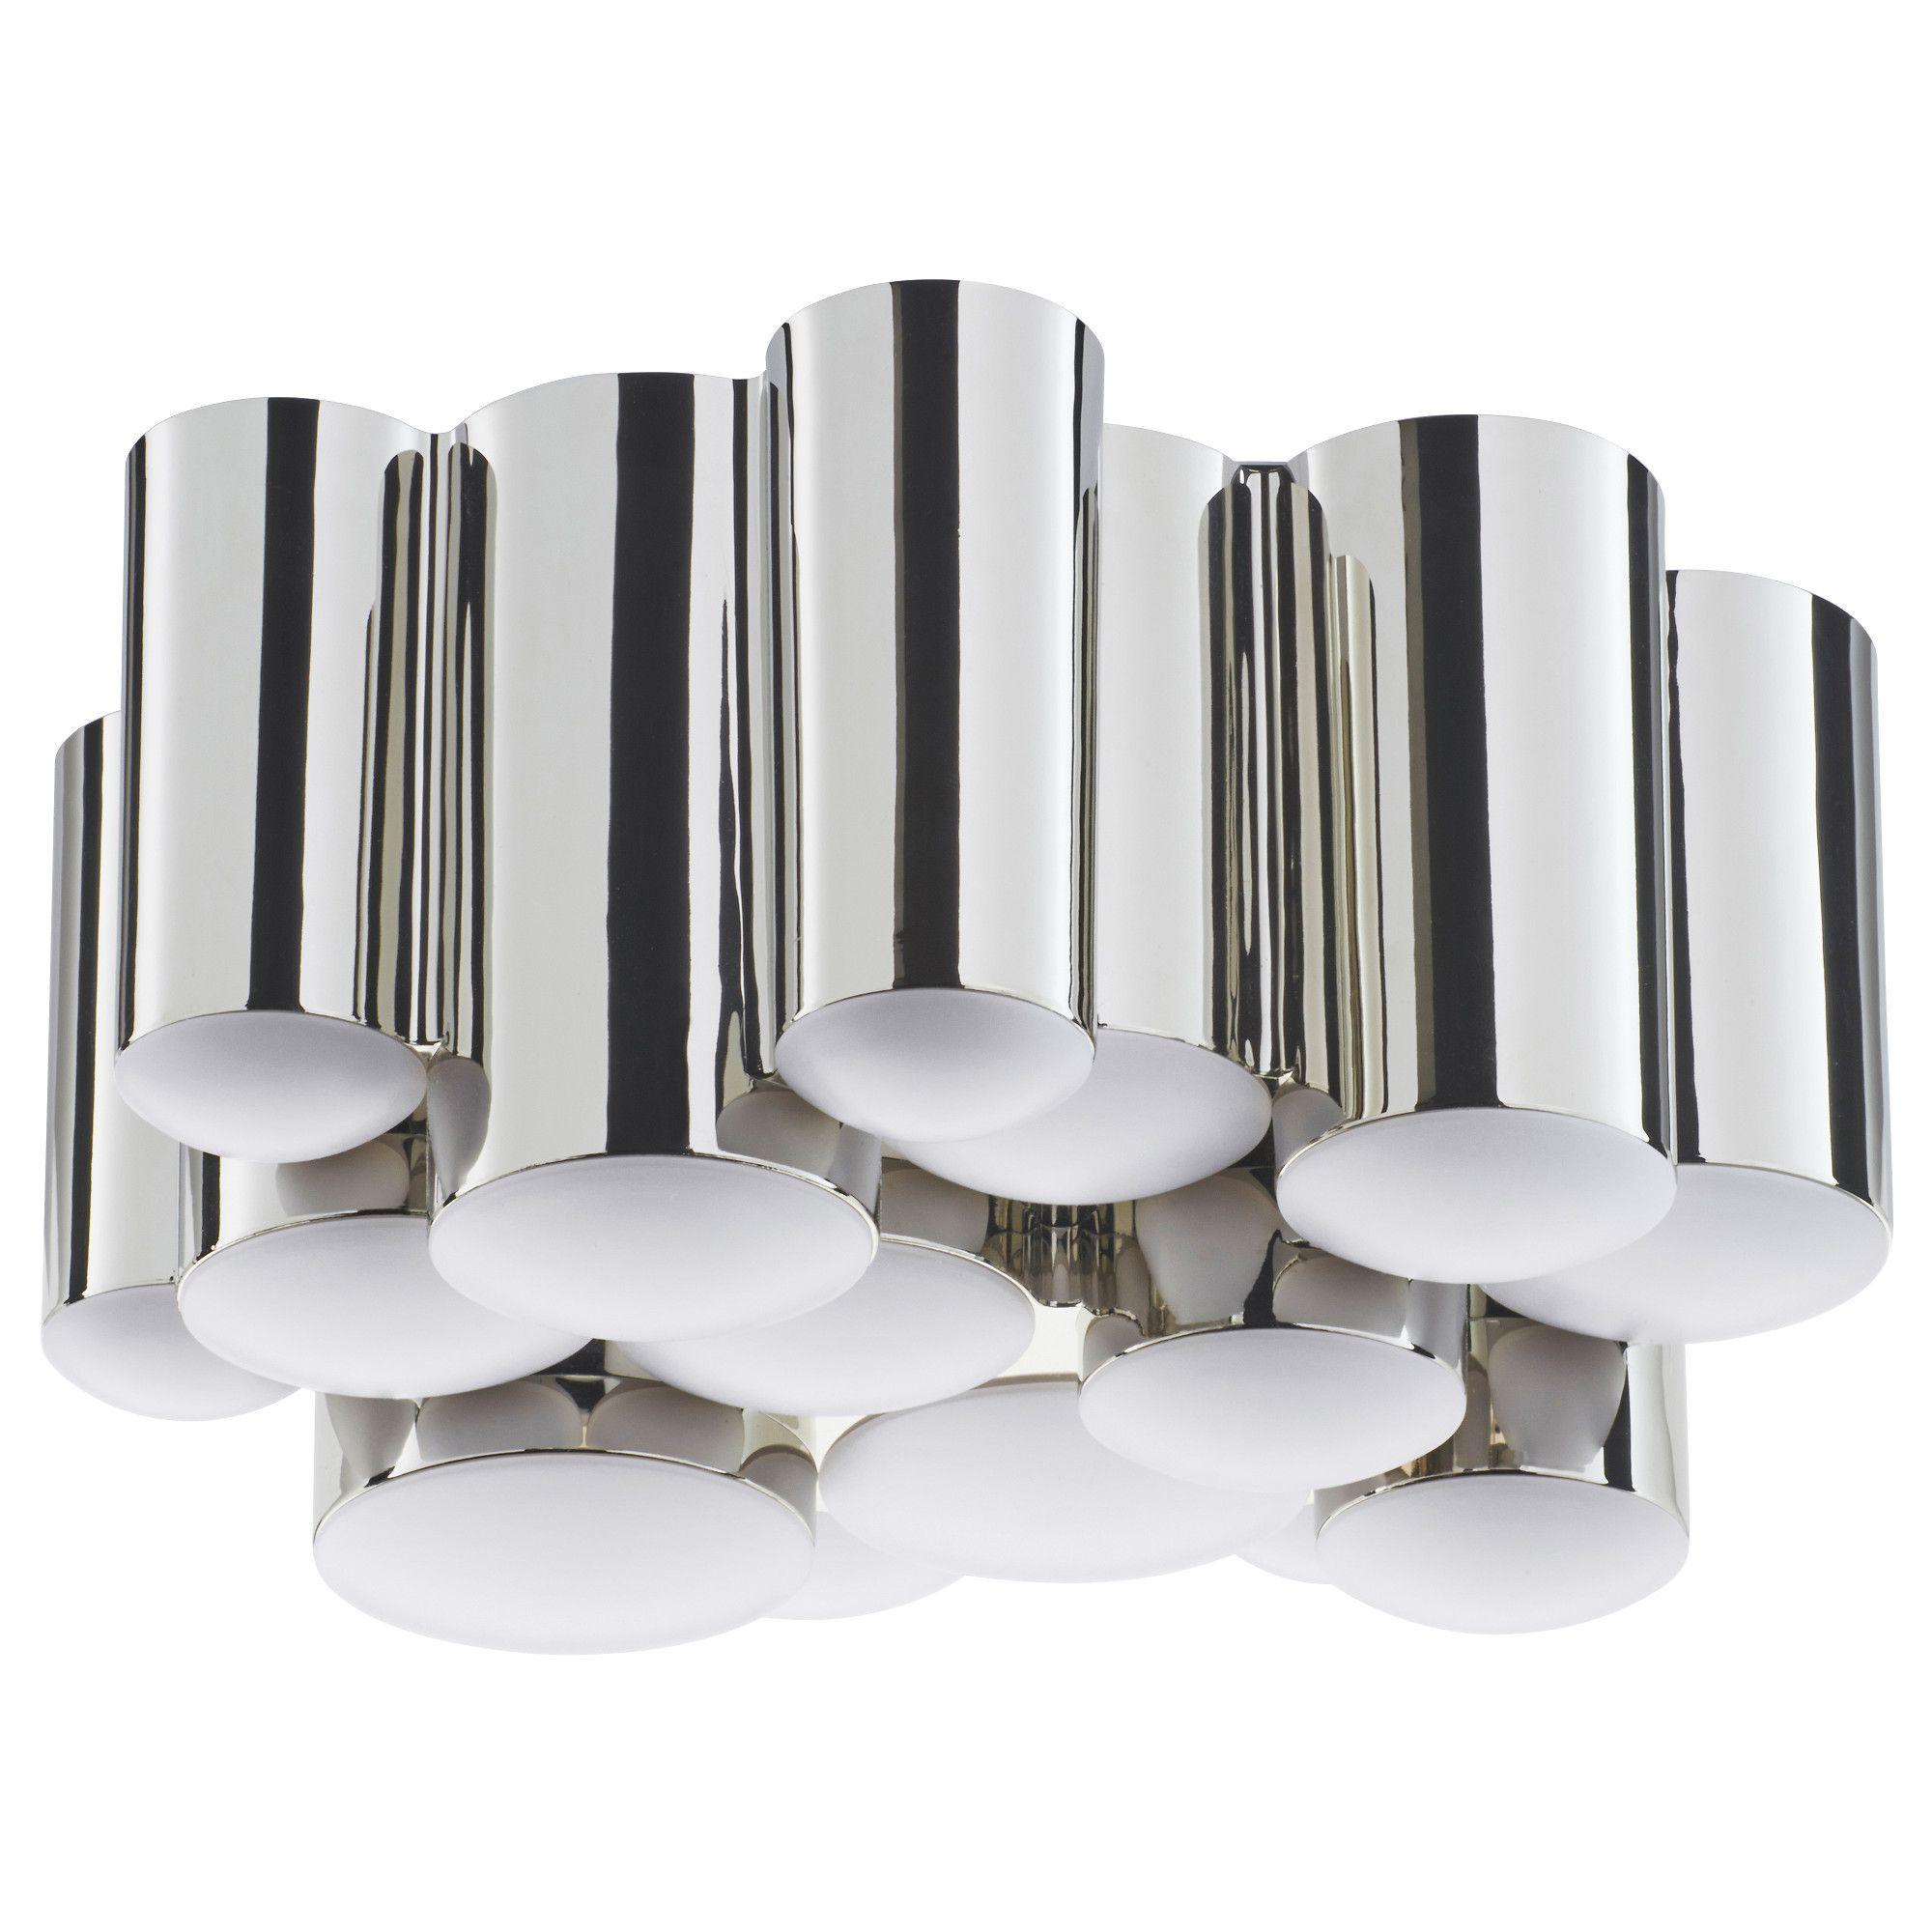 Bw Baublog Ikea Hack Bad Spiegel Mit Led Beleuchtung Wir Bauen Mit Bittermann Weiss Ikea Badezimmer Led Spiegel Badezimmer Design